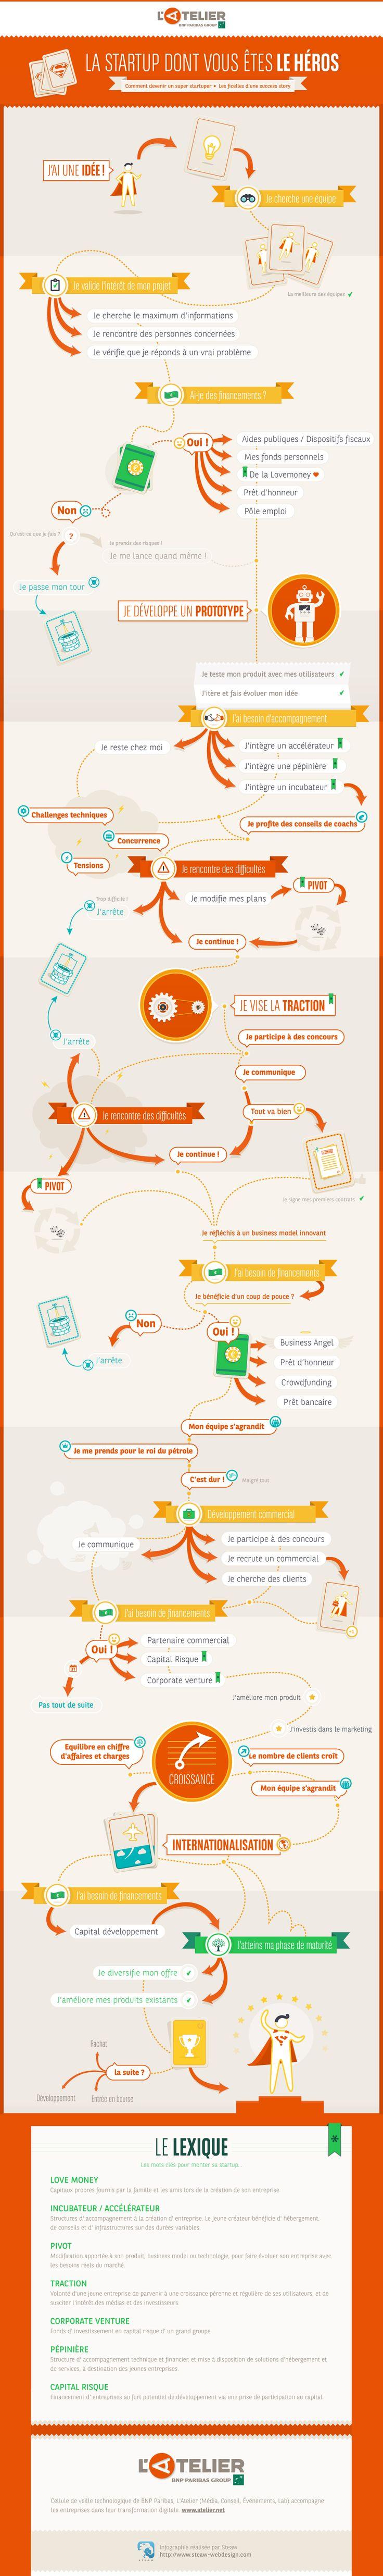 #Infographie : La #startup dont vous êtes le #héros